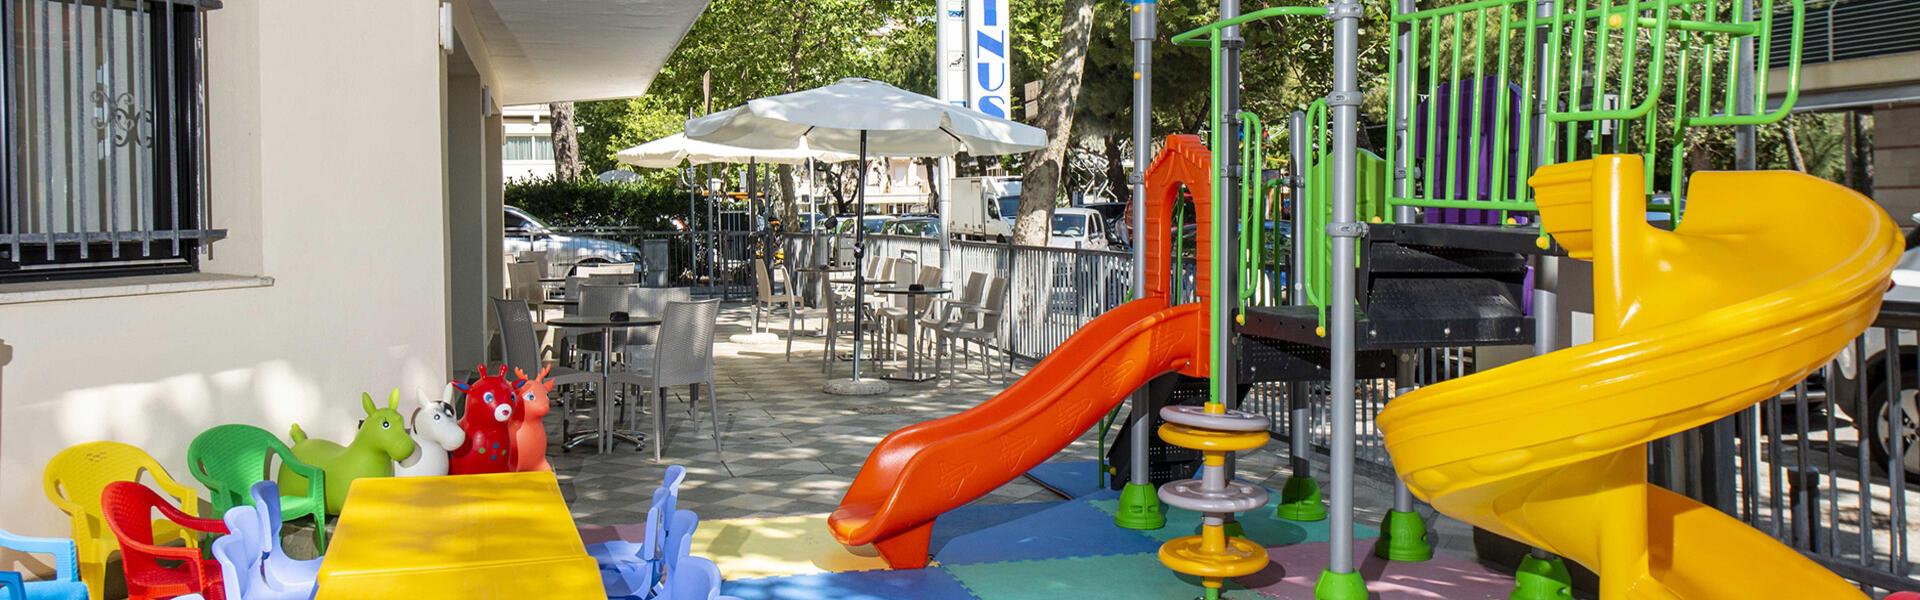 gambrinusrimini it hotel-per-famiglie-rimini 006